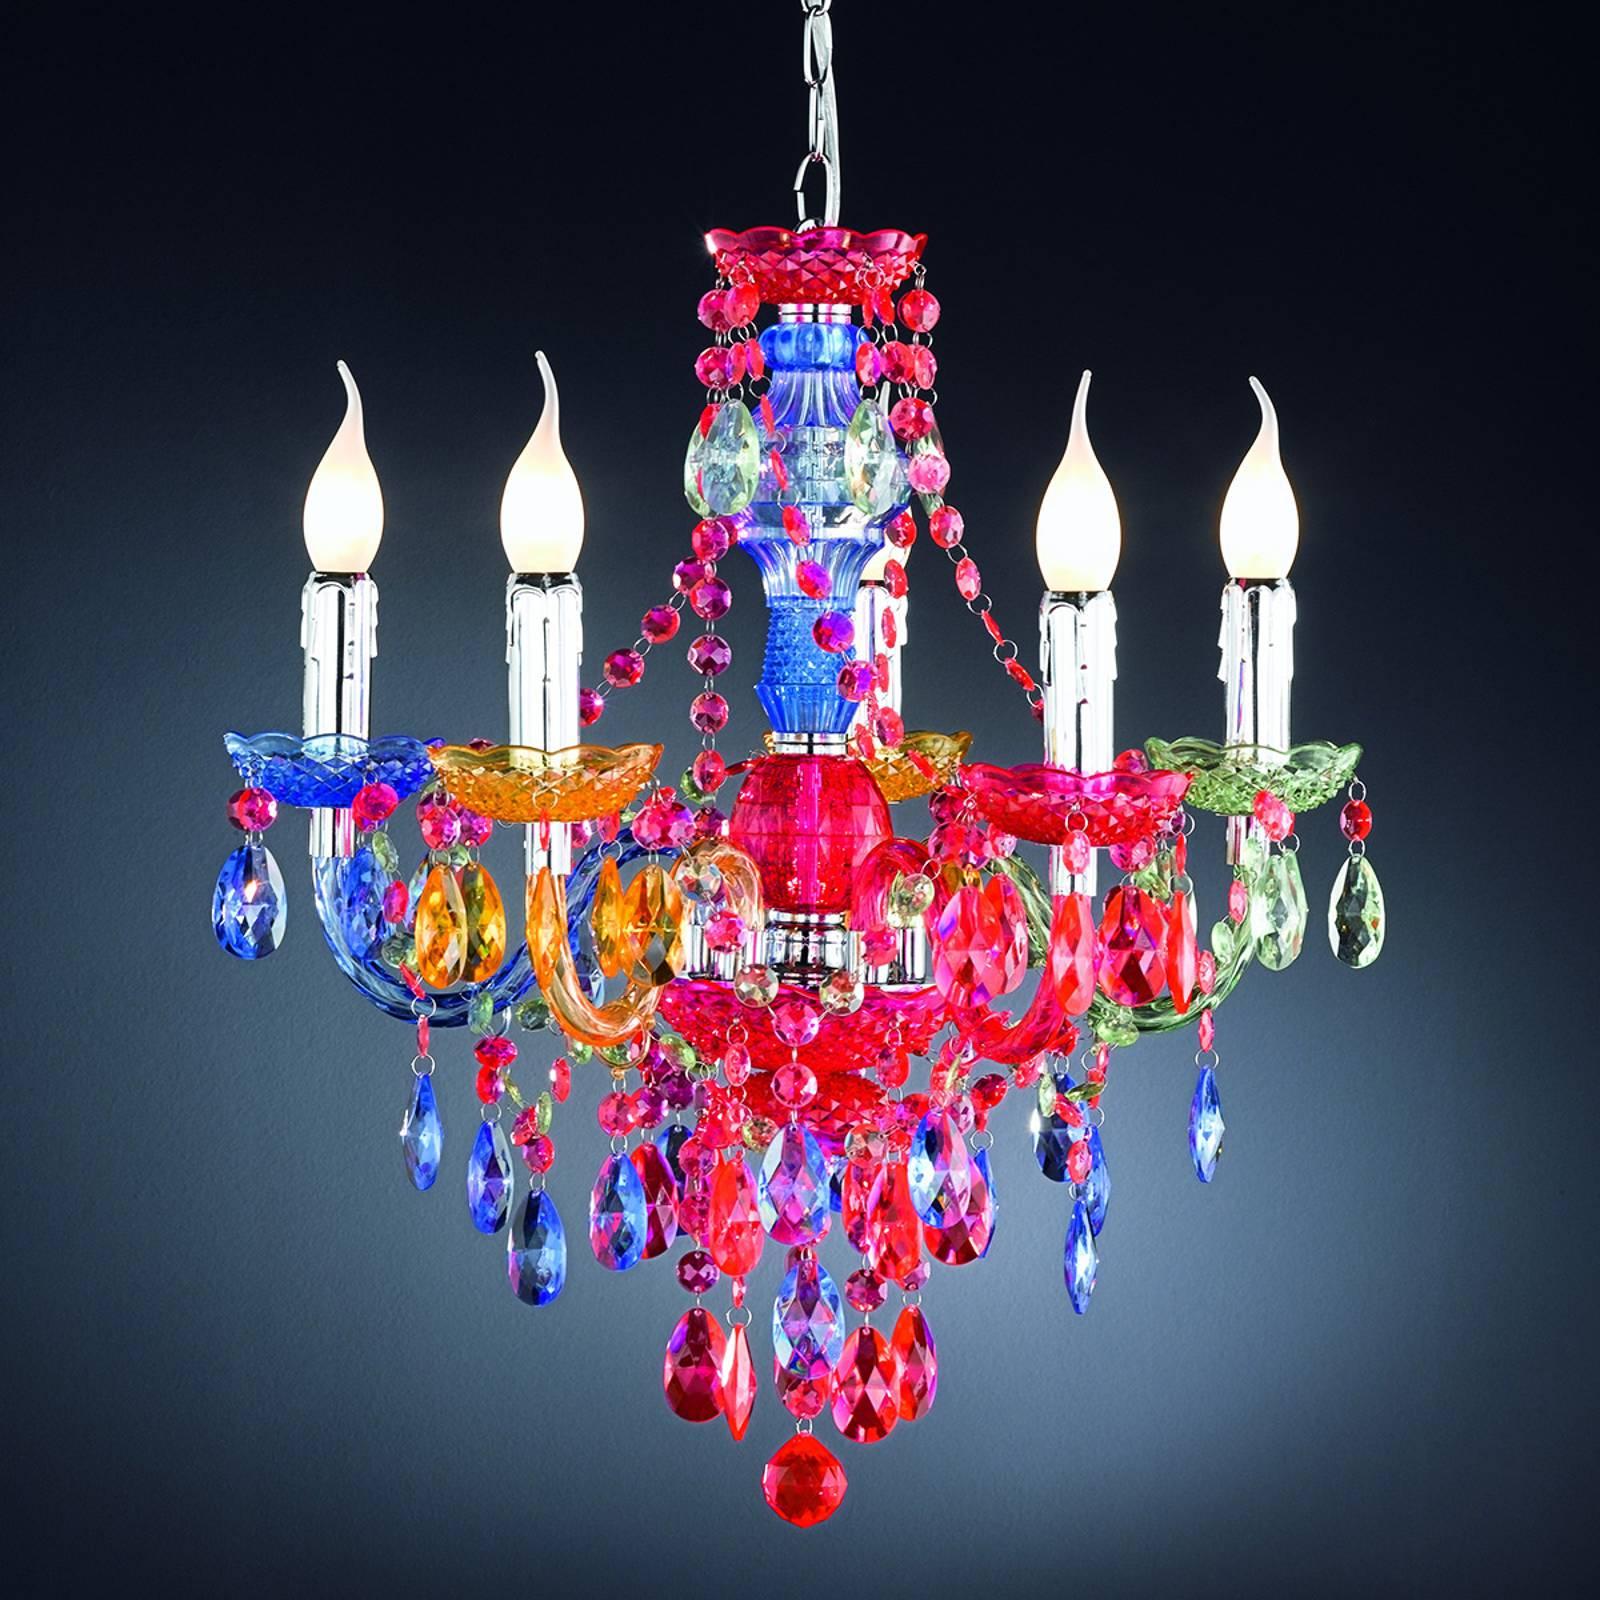 Kattokruunu Perdita 5-lamppuinen, värikäs